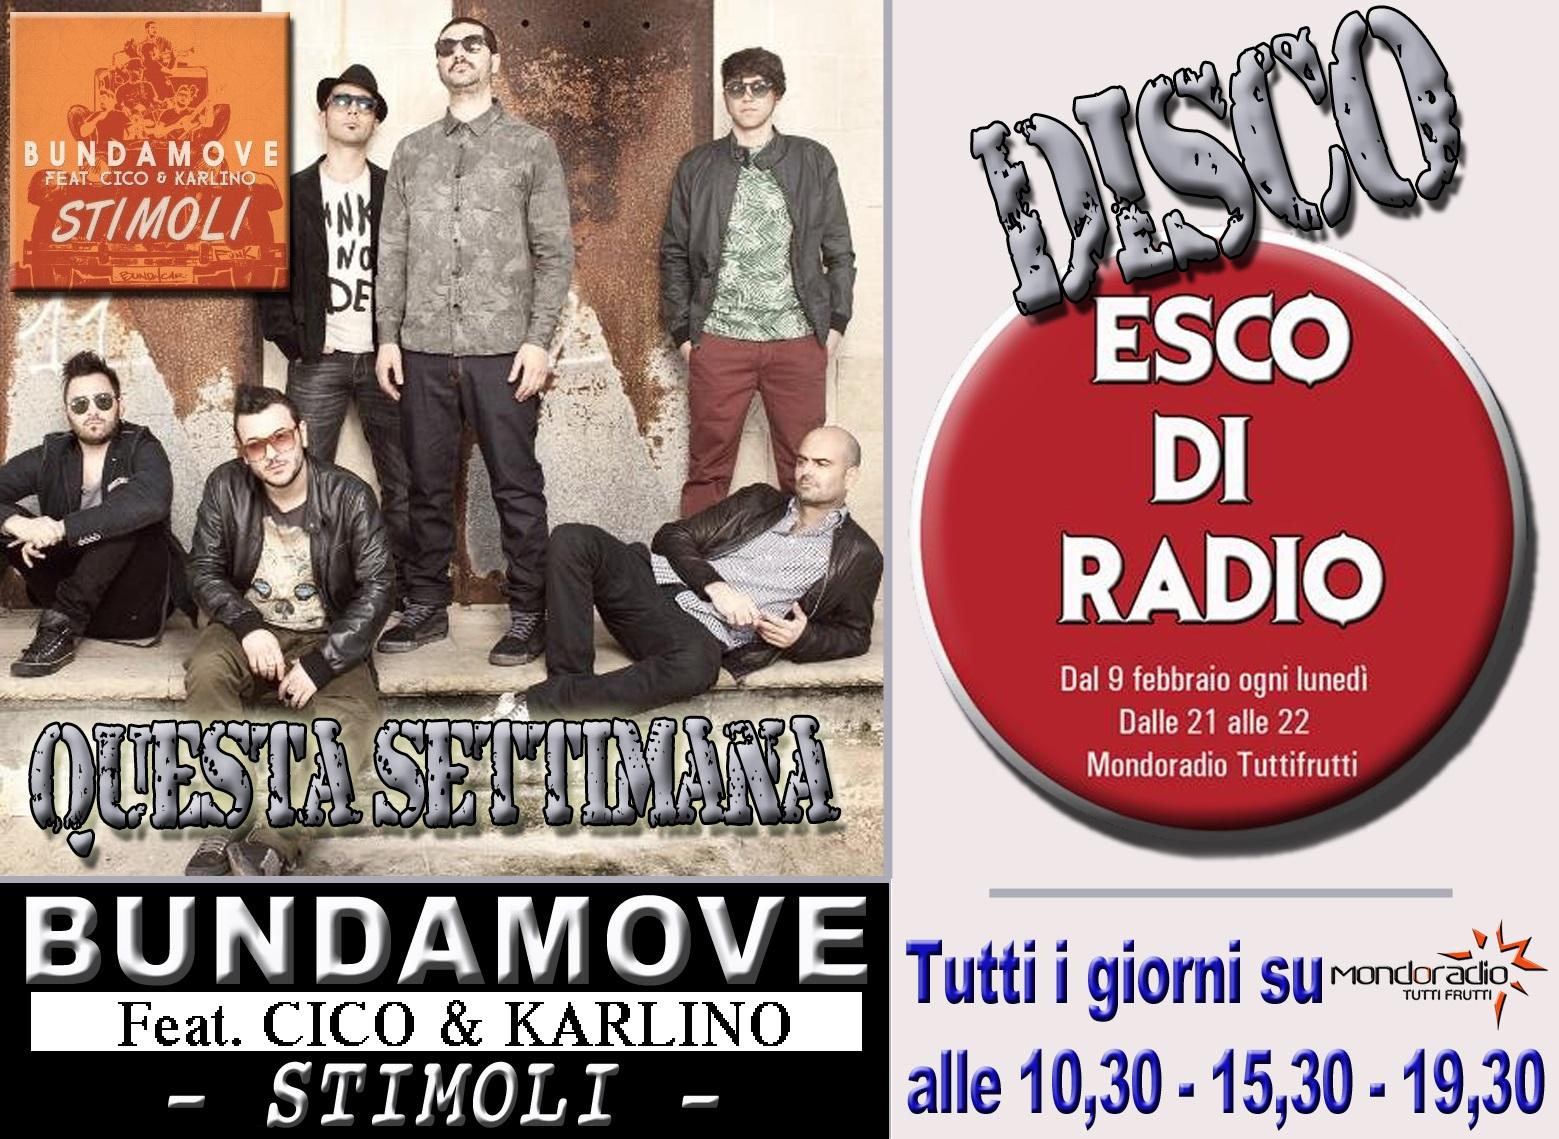 disco-esco-di-radio1